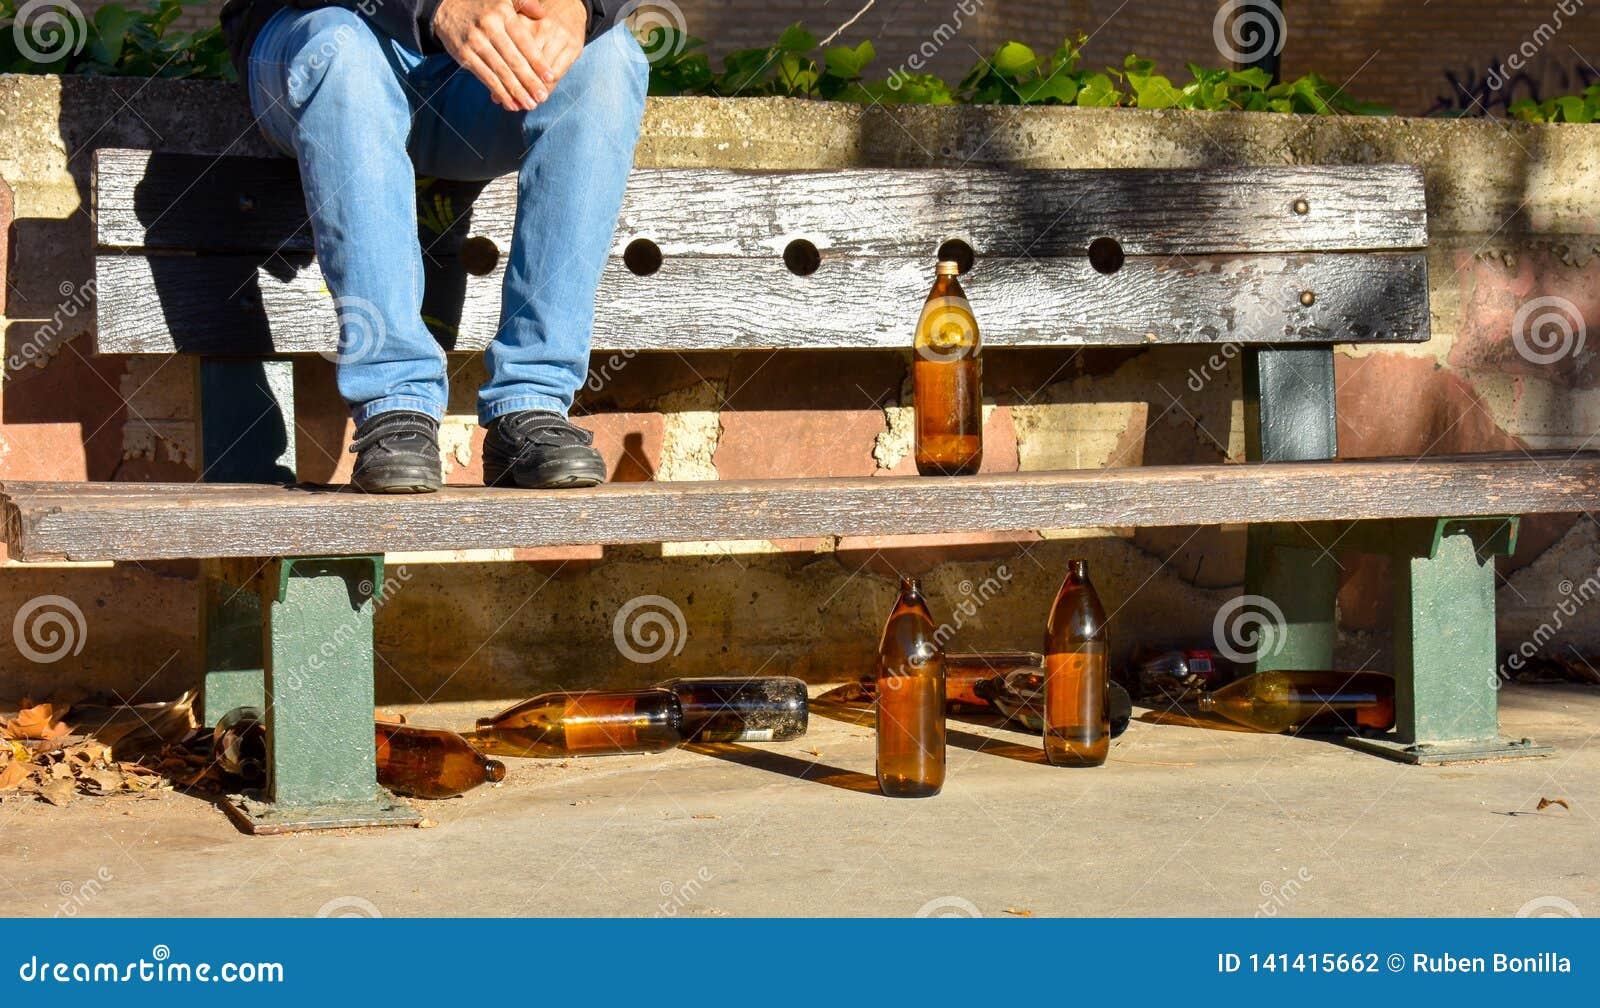 De mens op een bank met vele grote oranje die flessen bier wordt gezeten van glas volledig leeg bij het park toe te schrijven aan